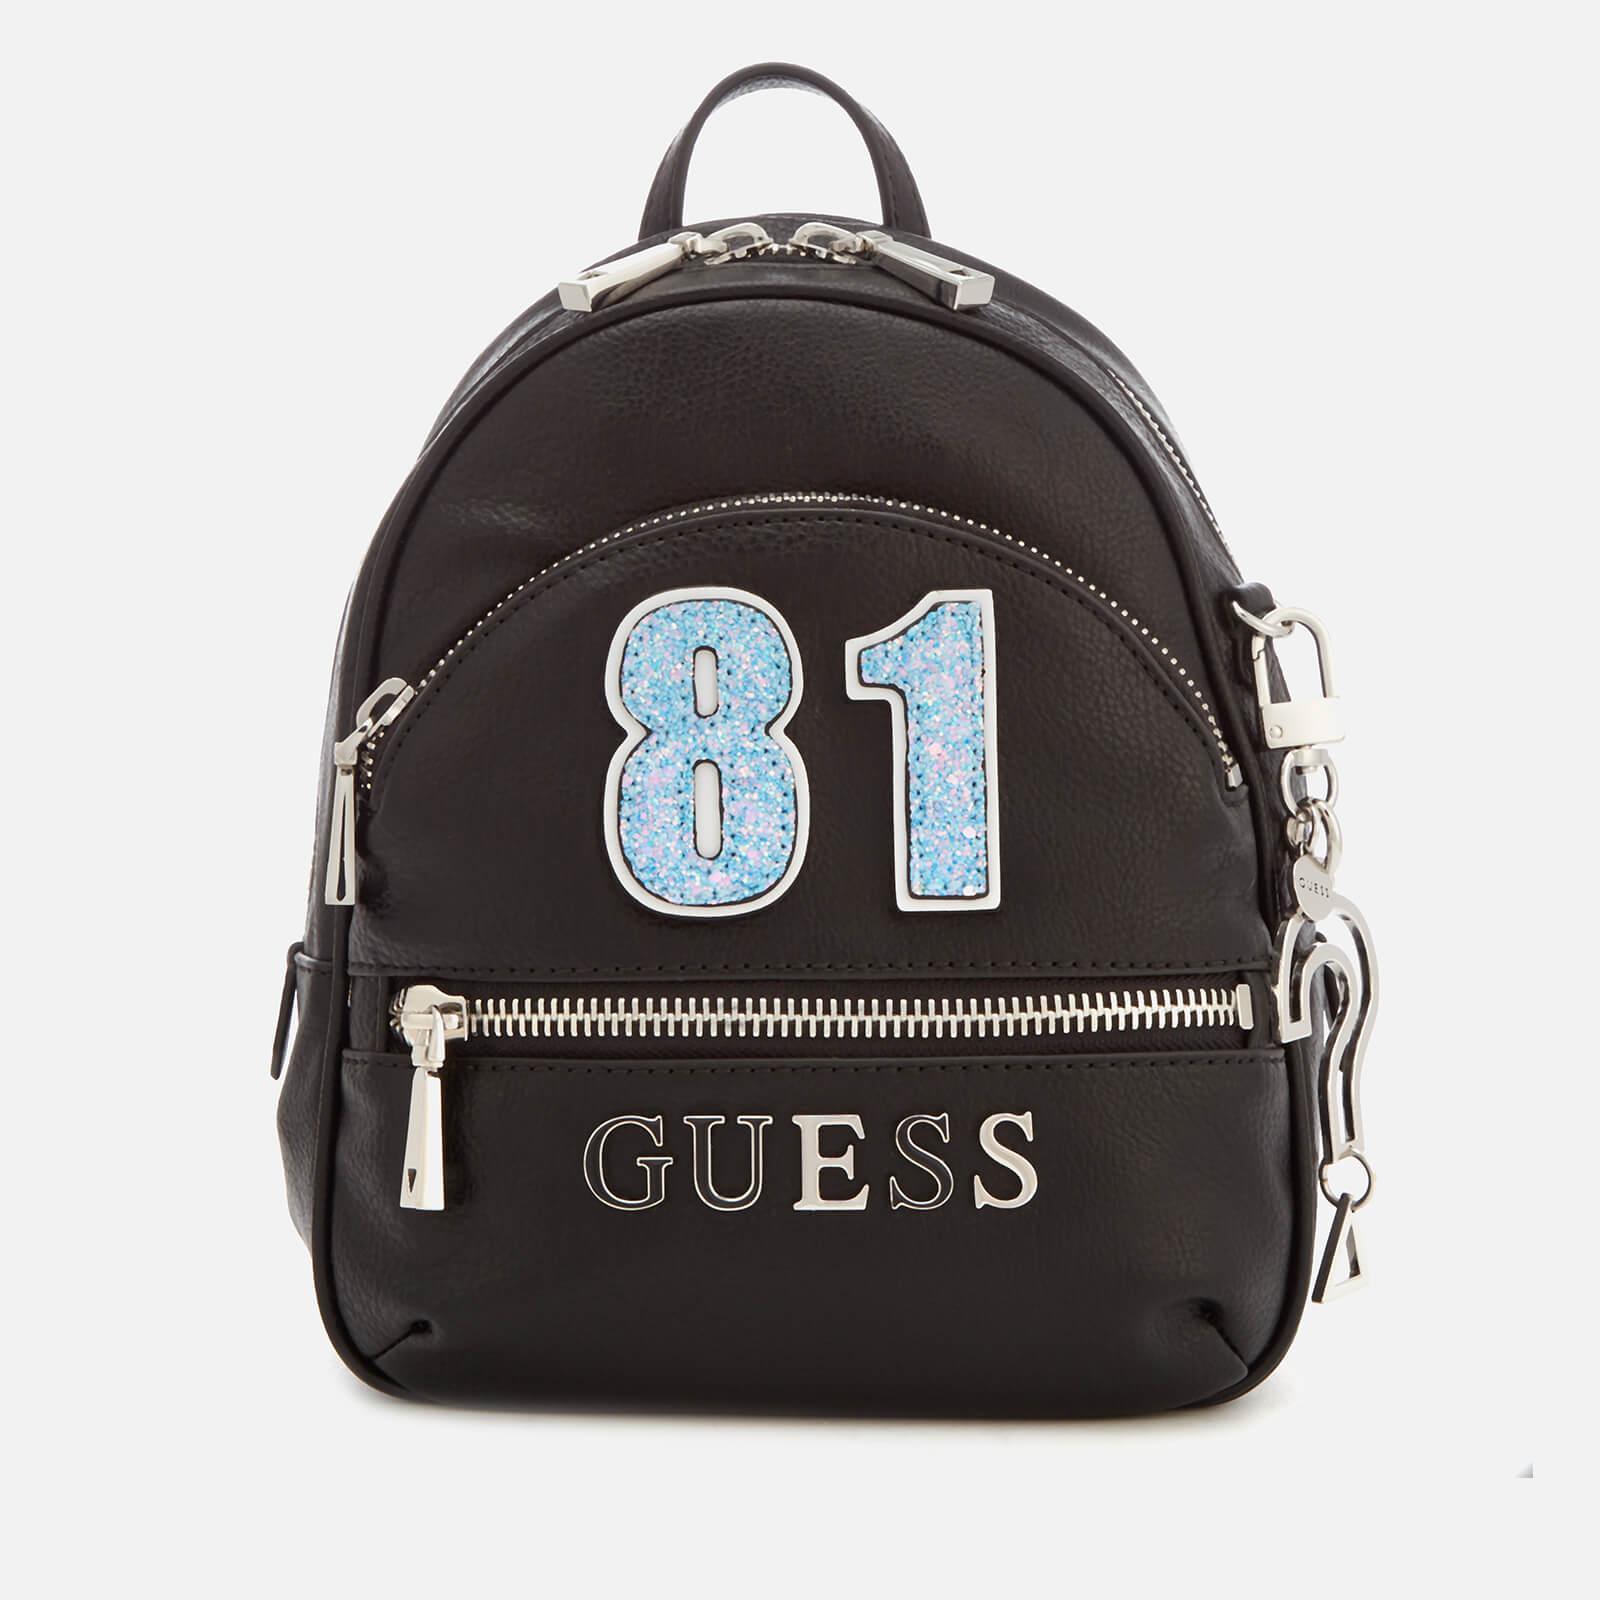 a878d4664a2d Guess - Black Manhattan Small Backpack - Lyst. View fullscreen